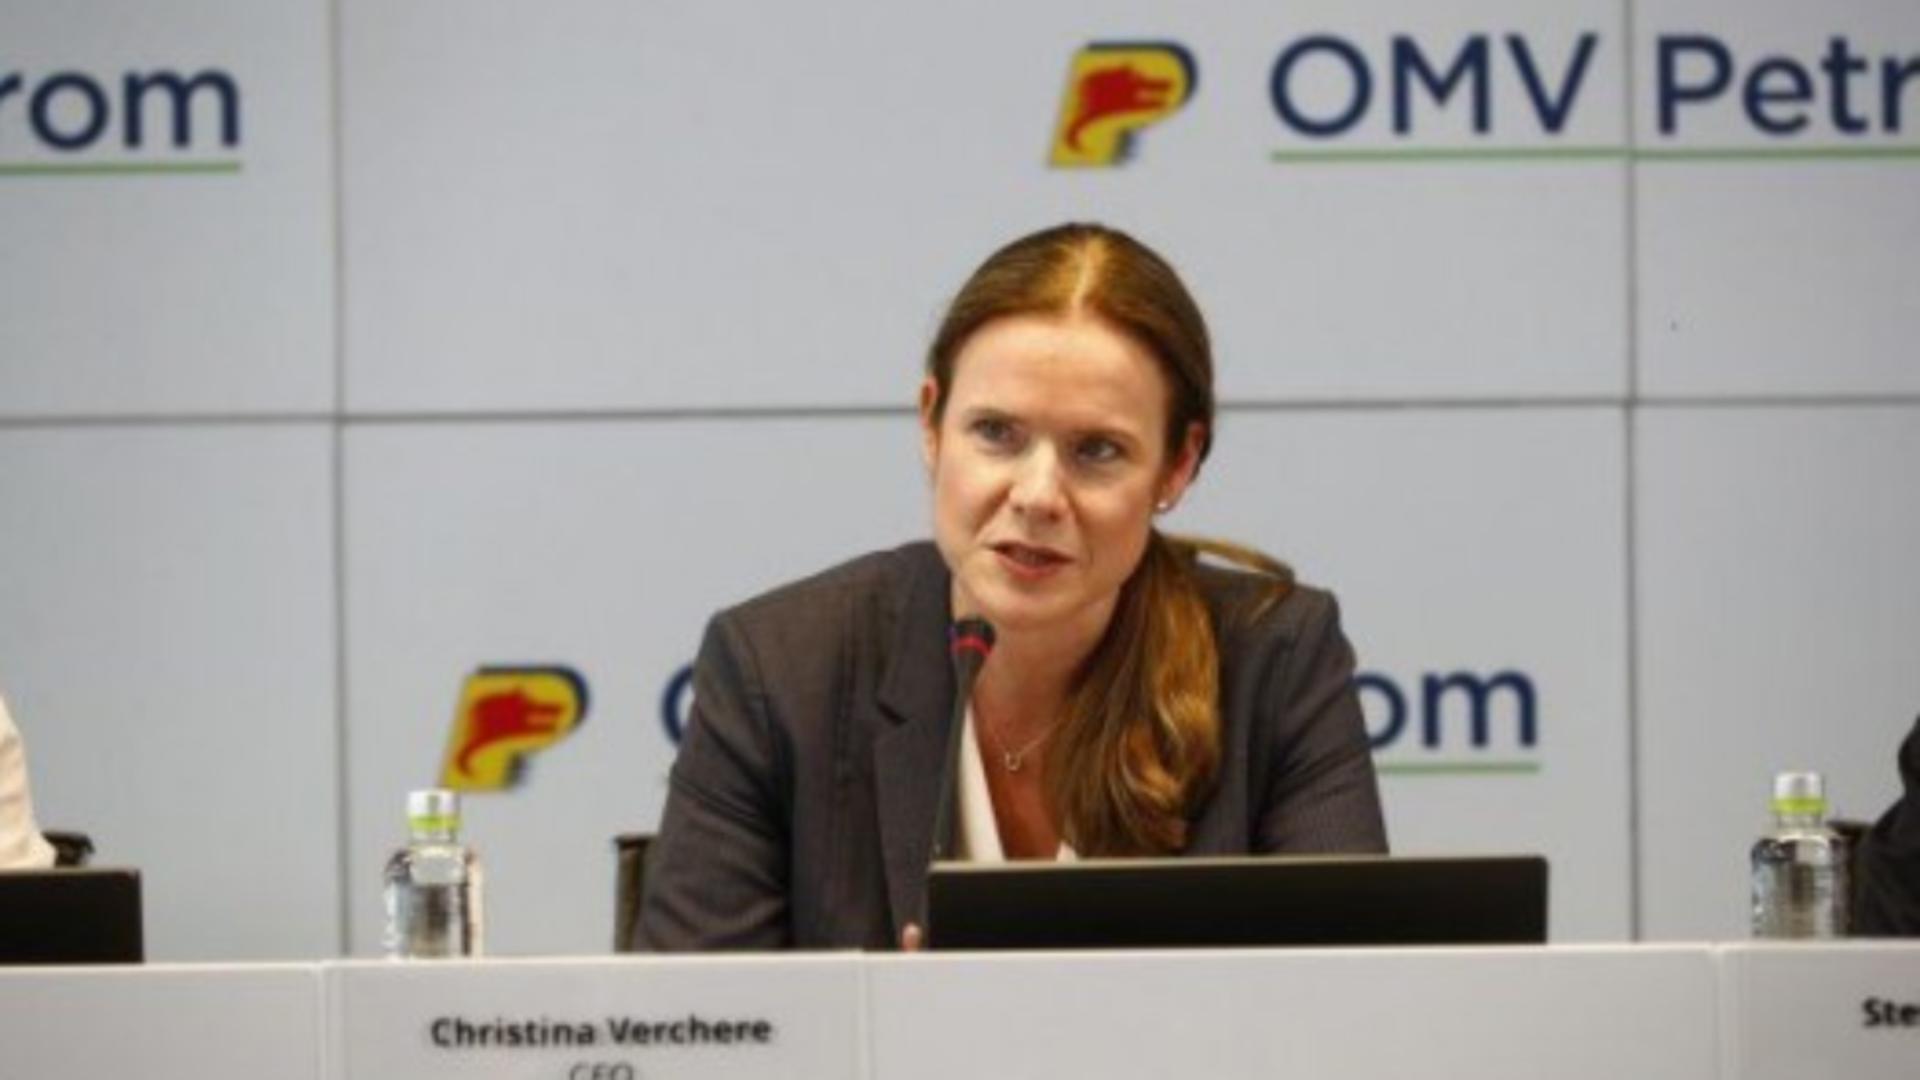 Christina-Verchere-CEO-OMV-Petrom